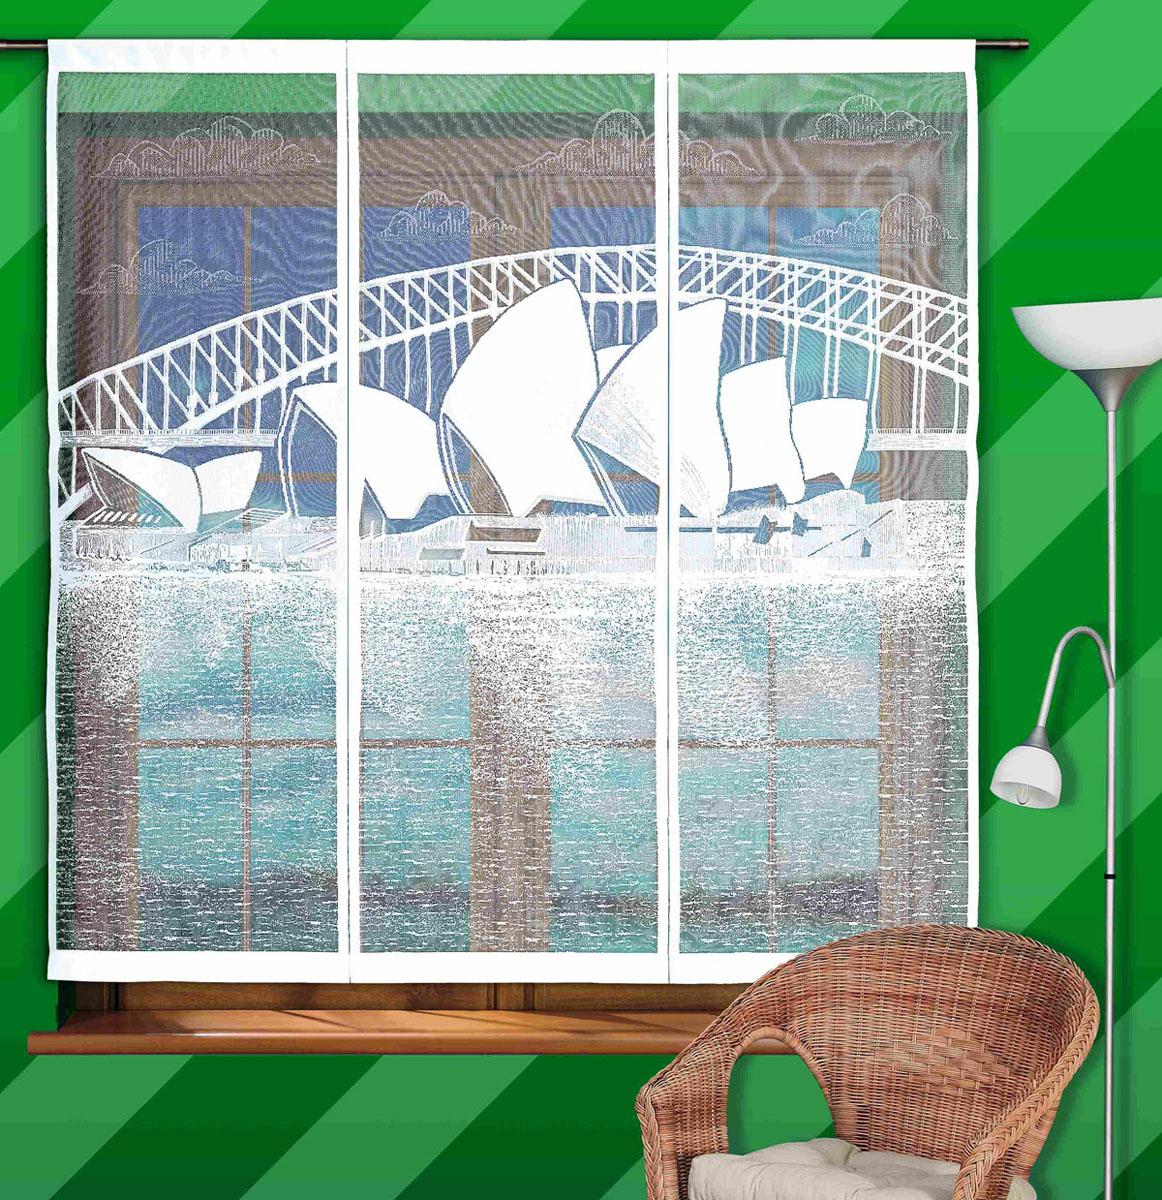 Гардина-панно Sidney, на кулиске, цвет: белый, высота 160 смGC013/00Воздушная гардина-панно Sidney, изготовленная из полиэстера белого цвета, станет великолепным украшением любого окна. Тонкое плетение и оригинальный рисунок в виде здания Оперы в Сиднее привлечет к себе внимание и органично впишется в интерьер. Гардина оснащена кулиской для крепления на круглый карниз. Характеристики:Материал: 100% полиэстер. Цвет: белый. Высота кулиски: 7 см. Размер упаковки:27 см х 36 см х 3 см. Артикул: 747139. В комплект входит: Гардина-панно - 1 шт. Размер (ШхВ): 150 см х 160 см. Фирма Wisan на польском рынке существует уже более пятидесяти лет и является одной из лучших польских фабрик по производству штор и тканей. Ассортимент фирмы представлен готовыми комплектами штор для гостиной, детской, кухни, а также текстилем для кухни (скатерти, салфетки, дорожки, кухонные занавески). Модельный ряд отличает оригинальный дизайн, высокое качество. Ассортимент продукции постоянно пополняется.